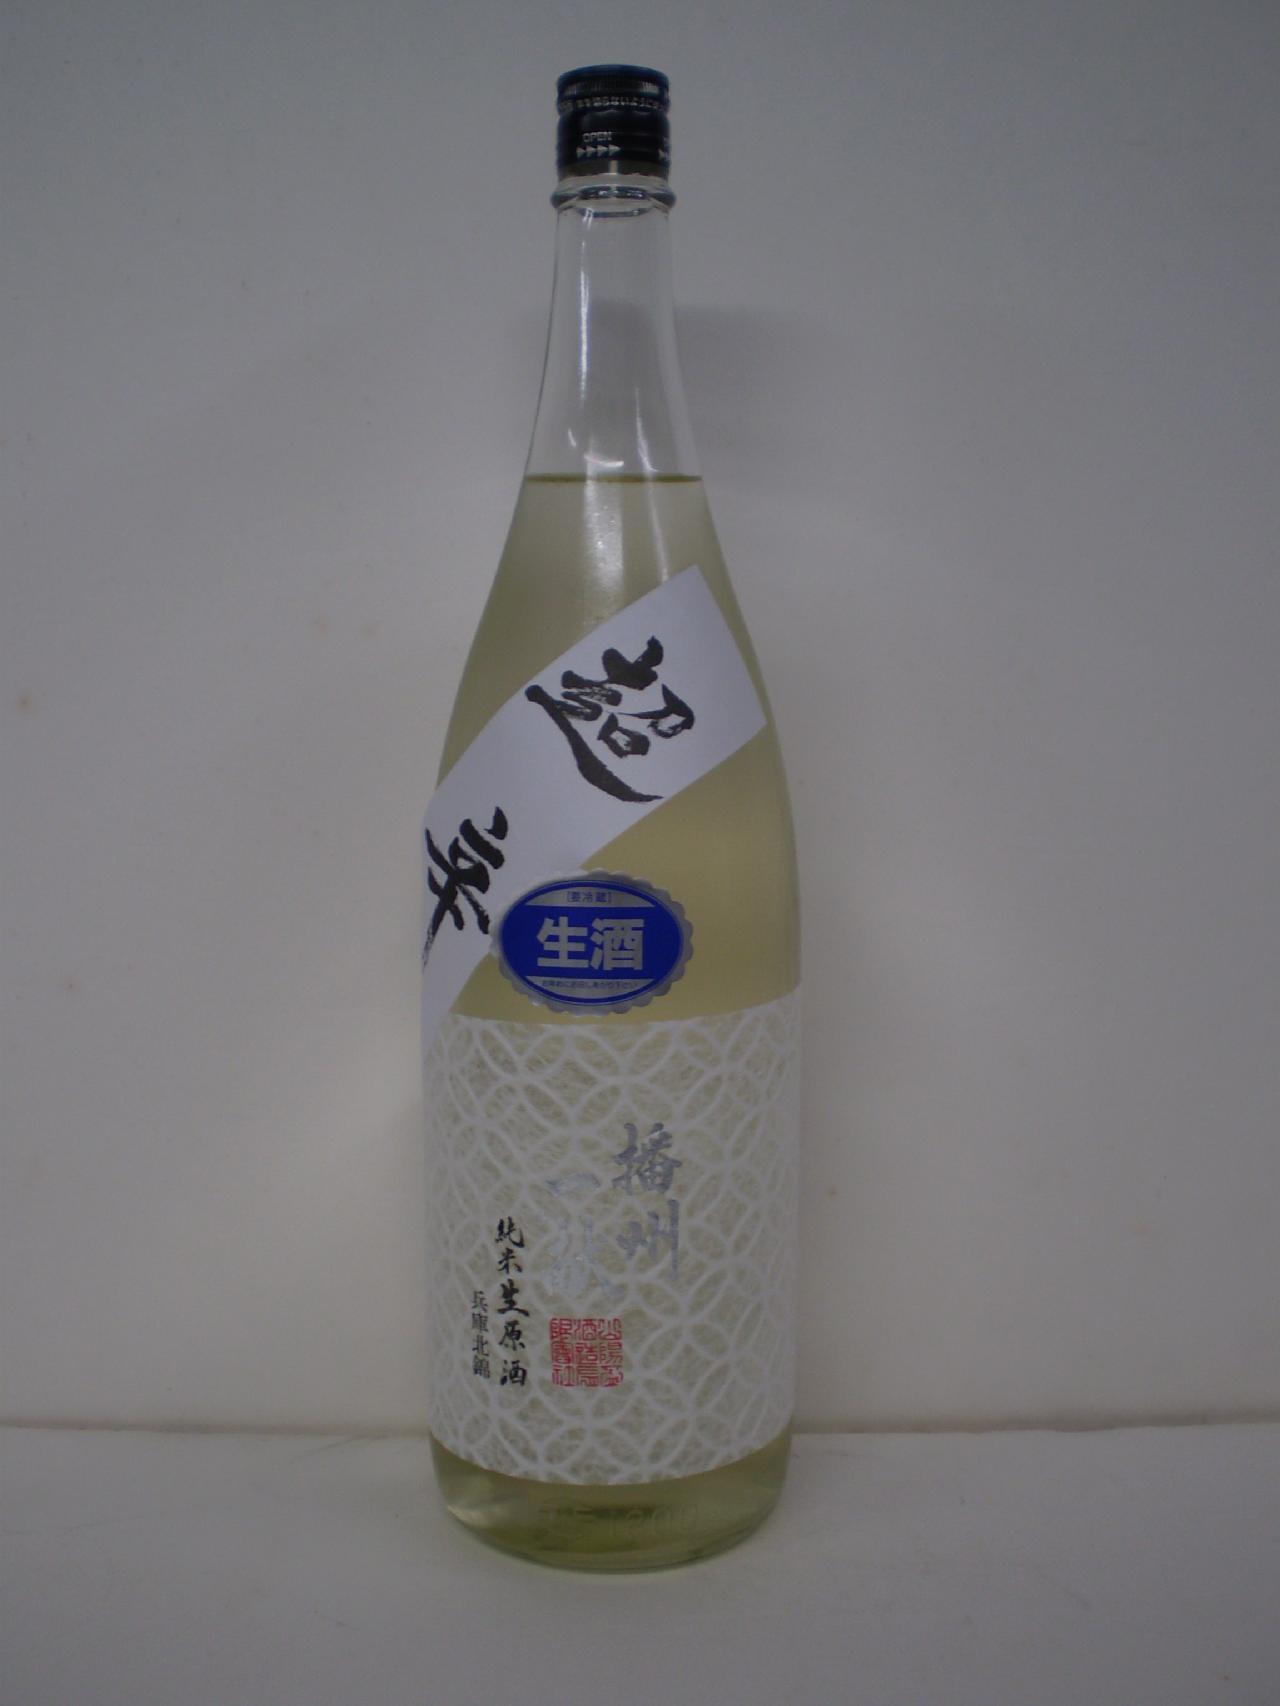 播州一献 超辛 純米生原酒 1800ml 山陽盃酒造